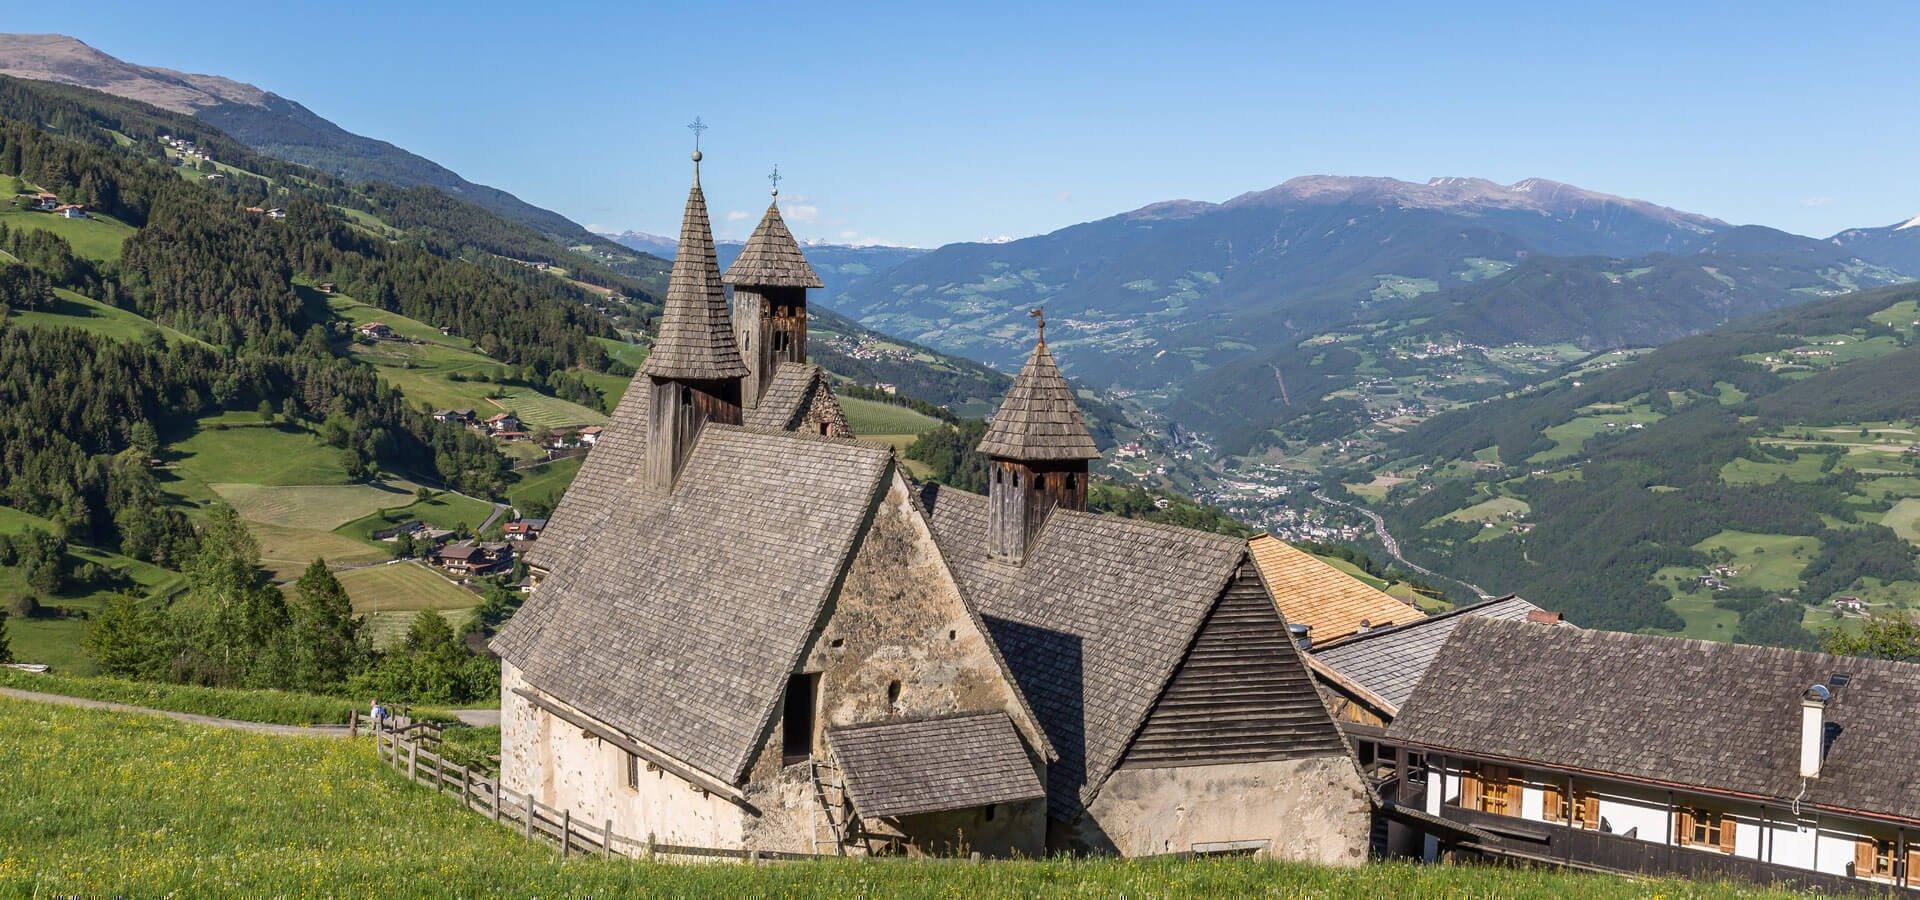 dreikirchen-barbian-eisacktal-suedtirol